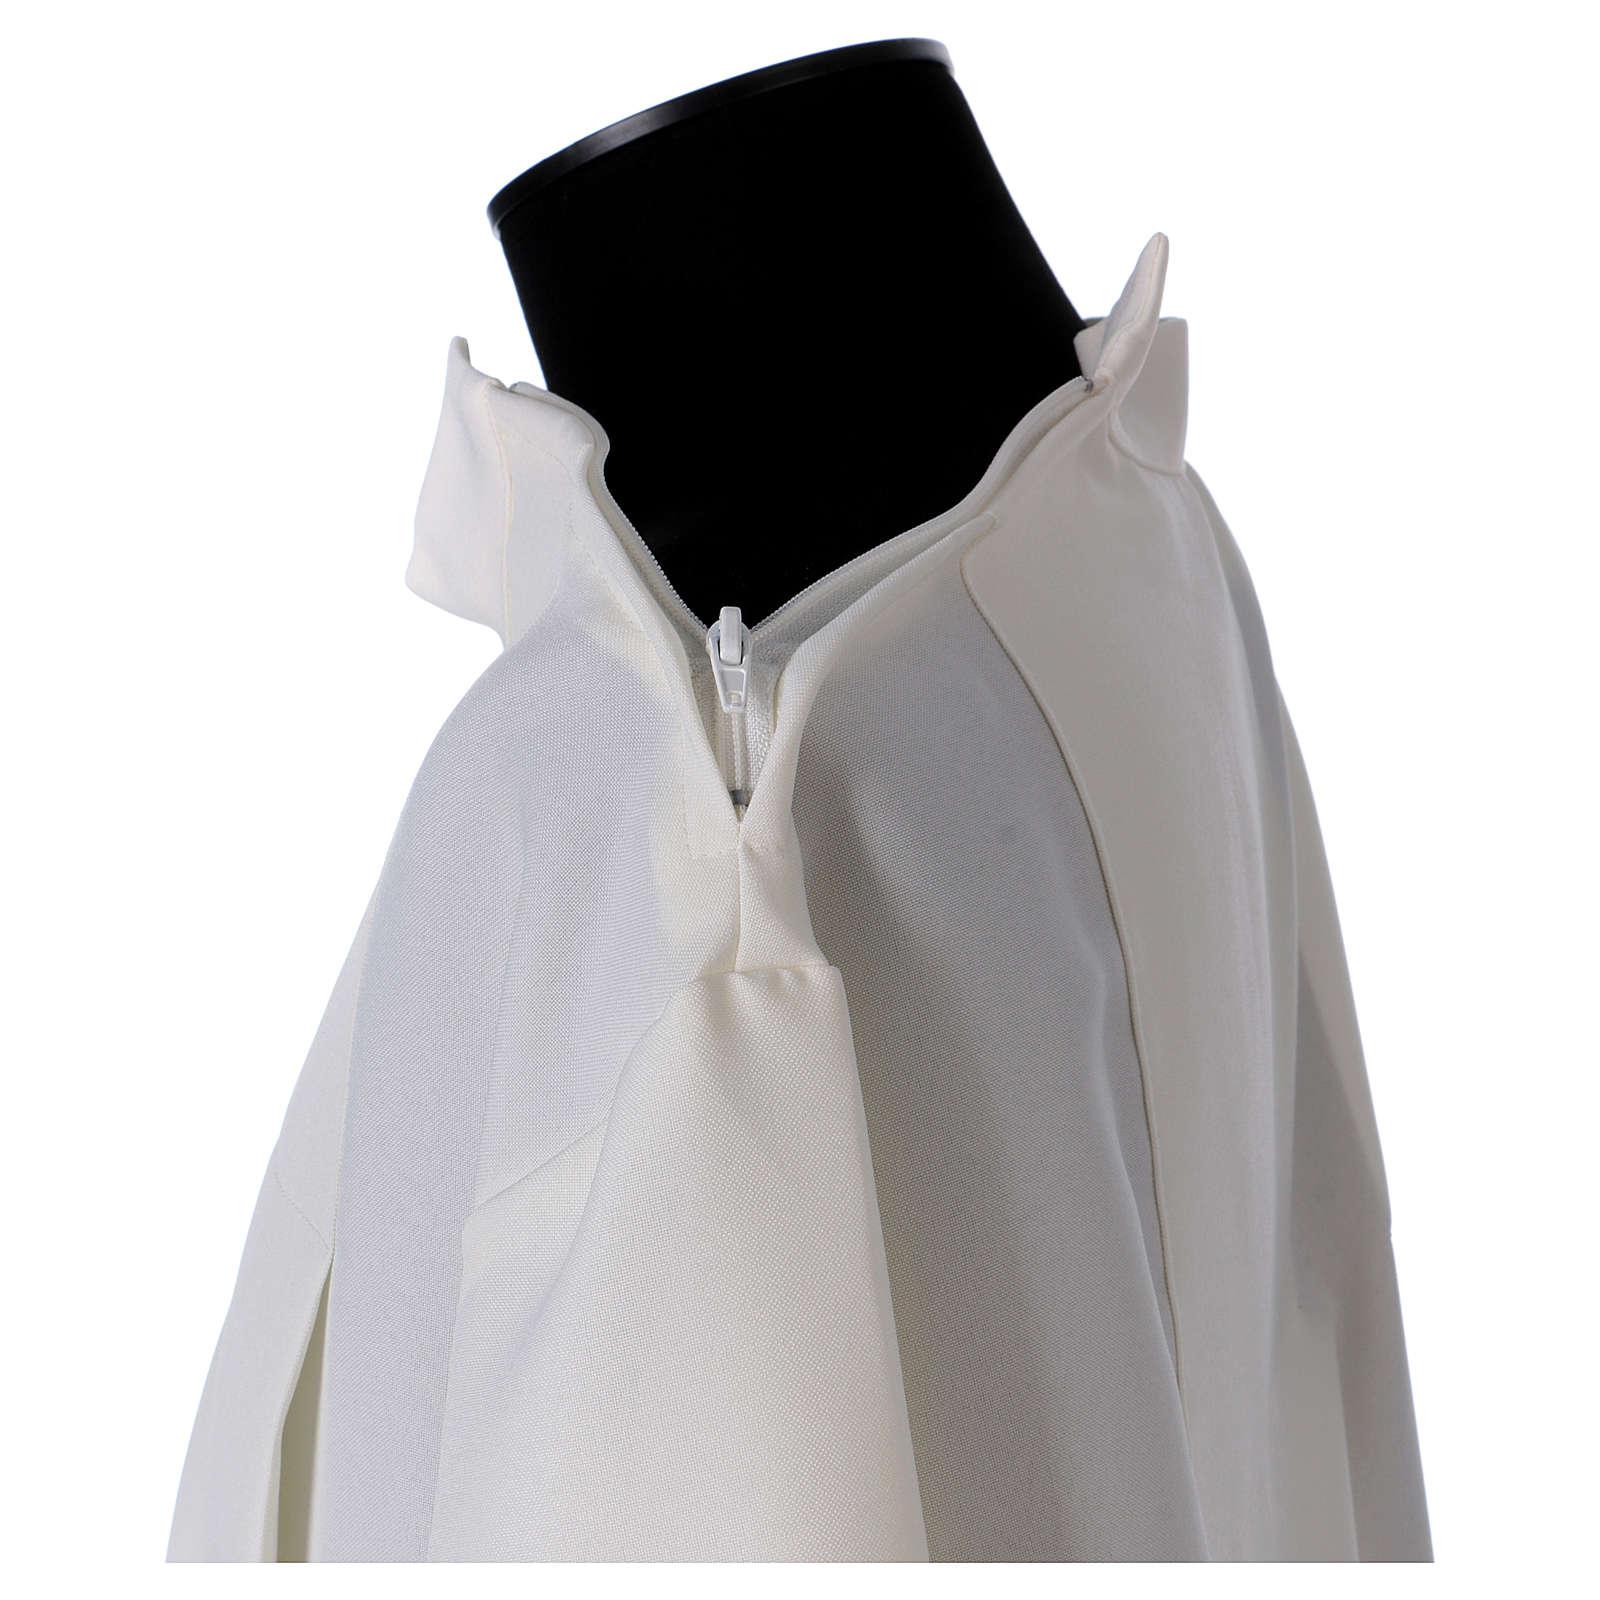 Camice avorio 100% poliestere due piegoni colletto listino cerniera spalla 4